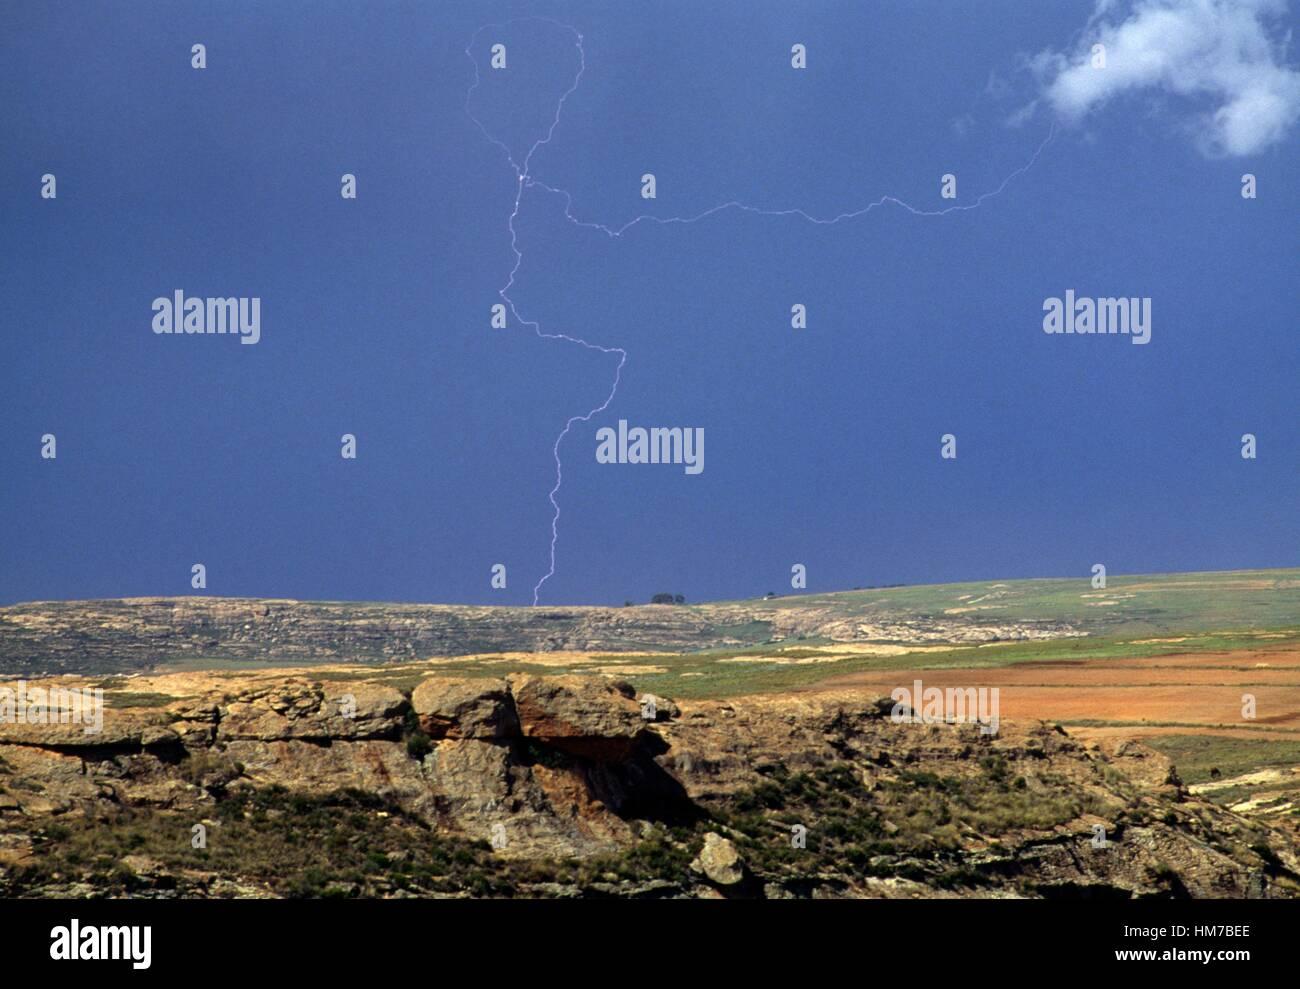 Maseru plain from Lancers Gap, Lesotho. - Stock Image